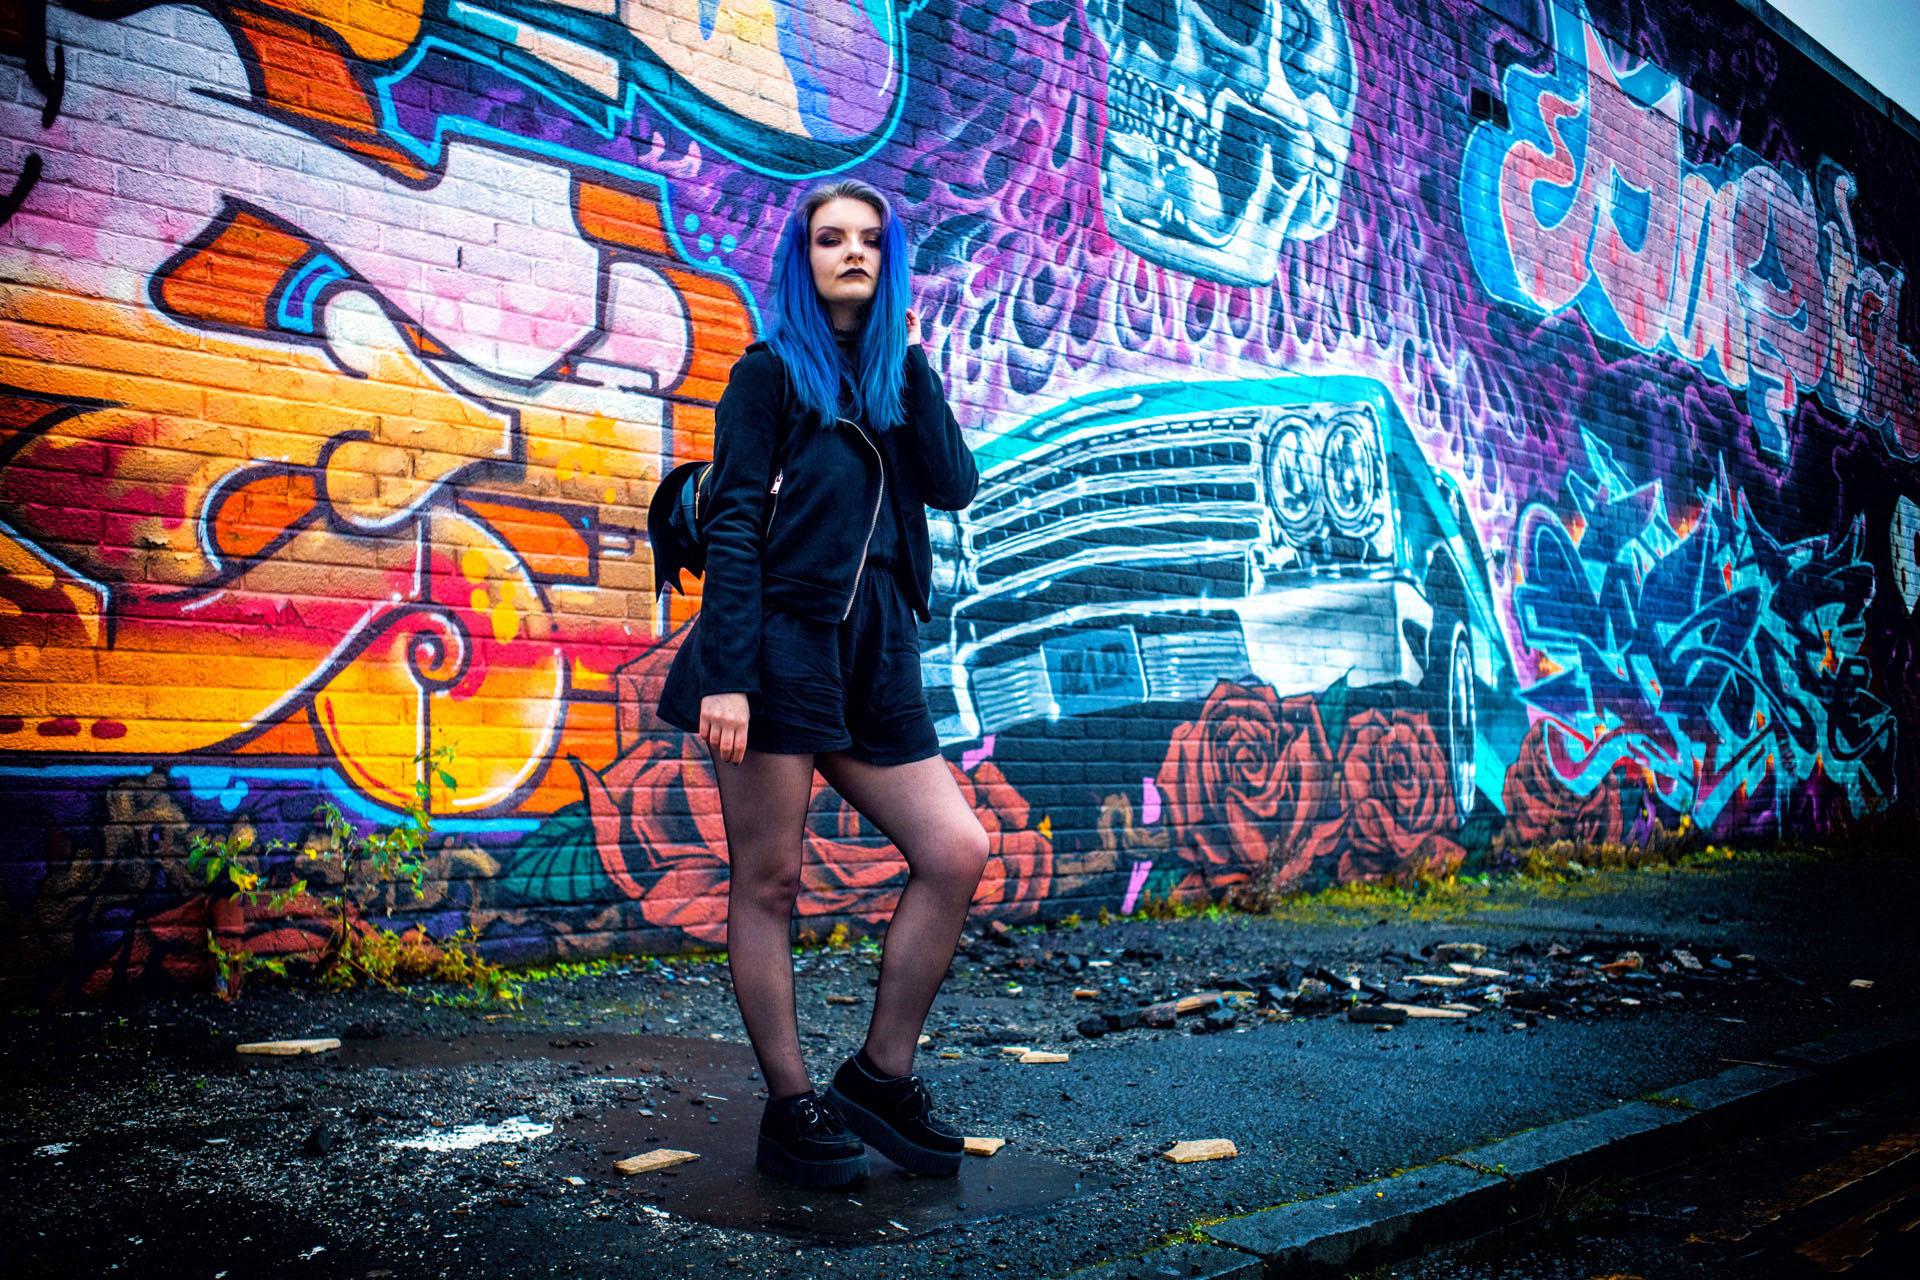 Glasgow graffiti portrait